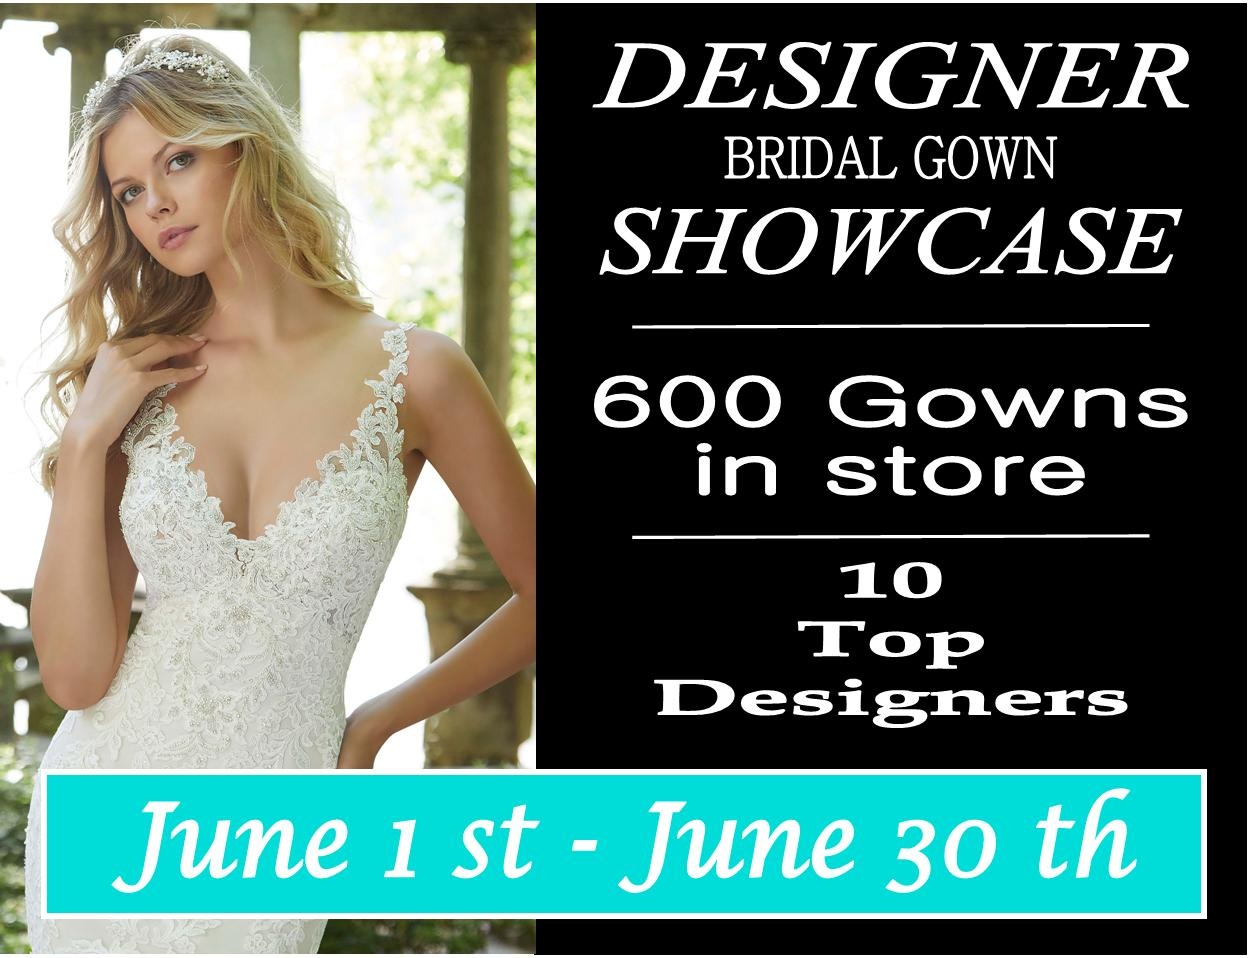 Cheap Wedding Dresses Albuquerque: Cheap Bridal Gowns Near Me